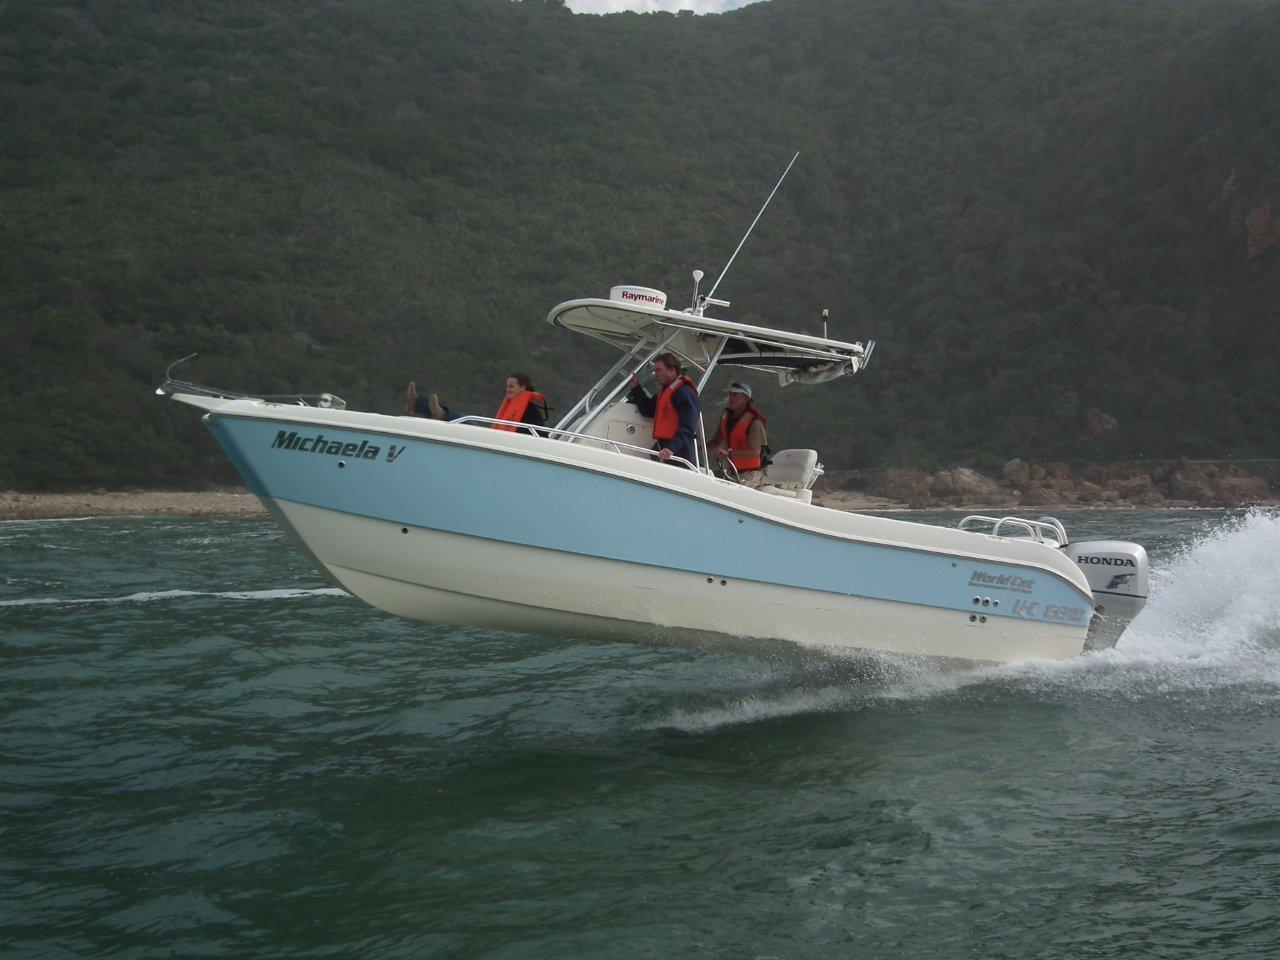 Gutes handwerk des Skippers macht sich nicht nur bei Luftsprüngen bezahlt sondern auch bei der Steigerung der Effizizienz. Foto: Honda Motors